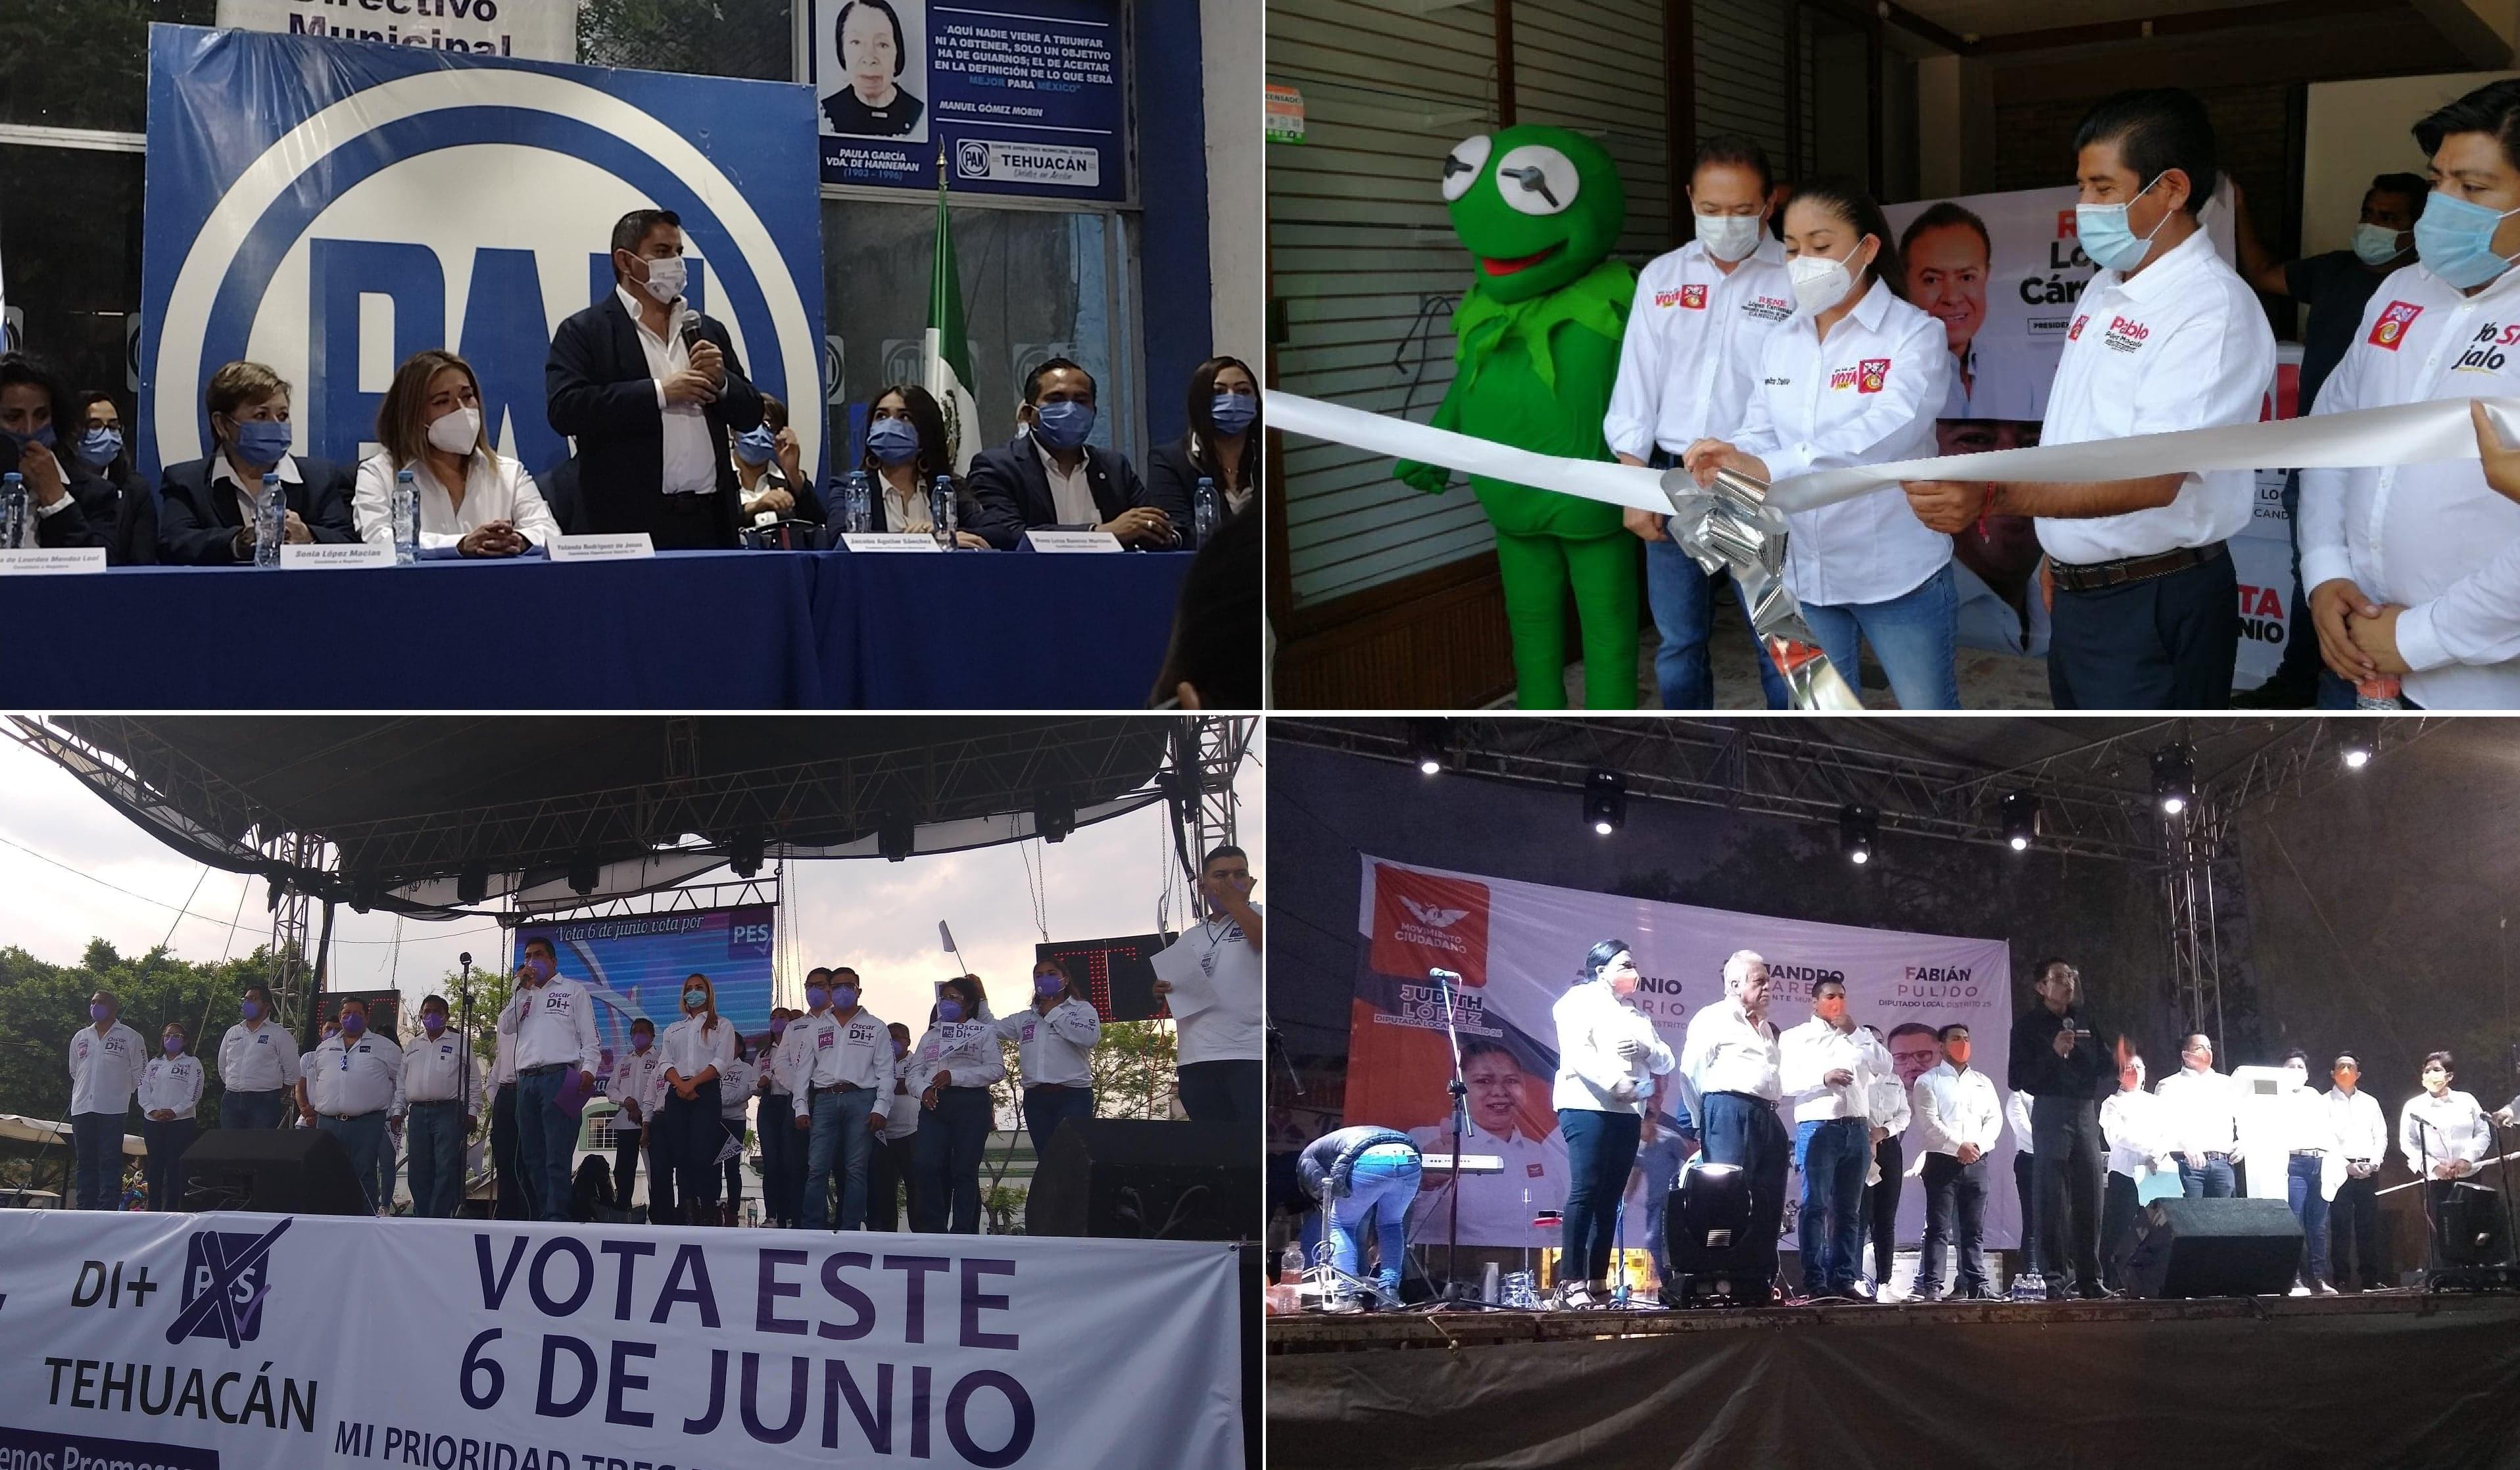 Confuso arranque de campañas en Tehuacán tras retraso del IEE